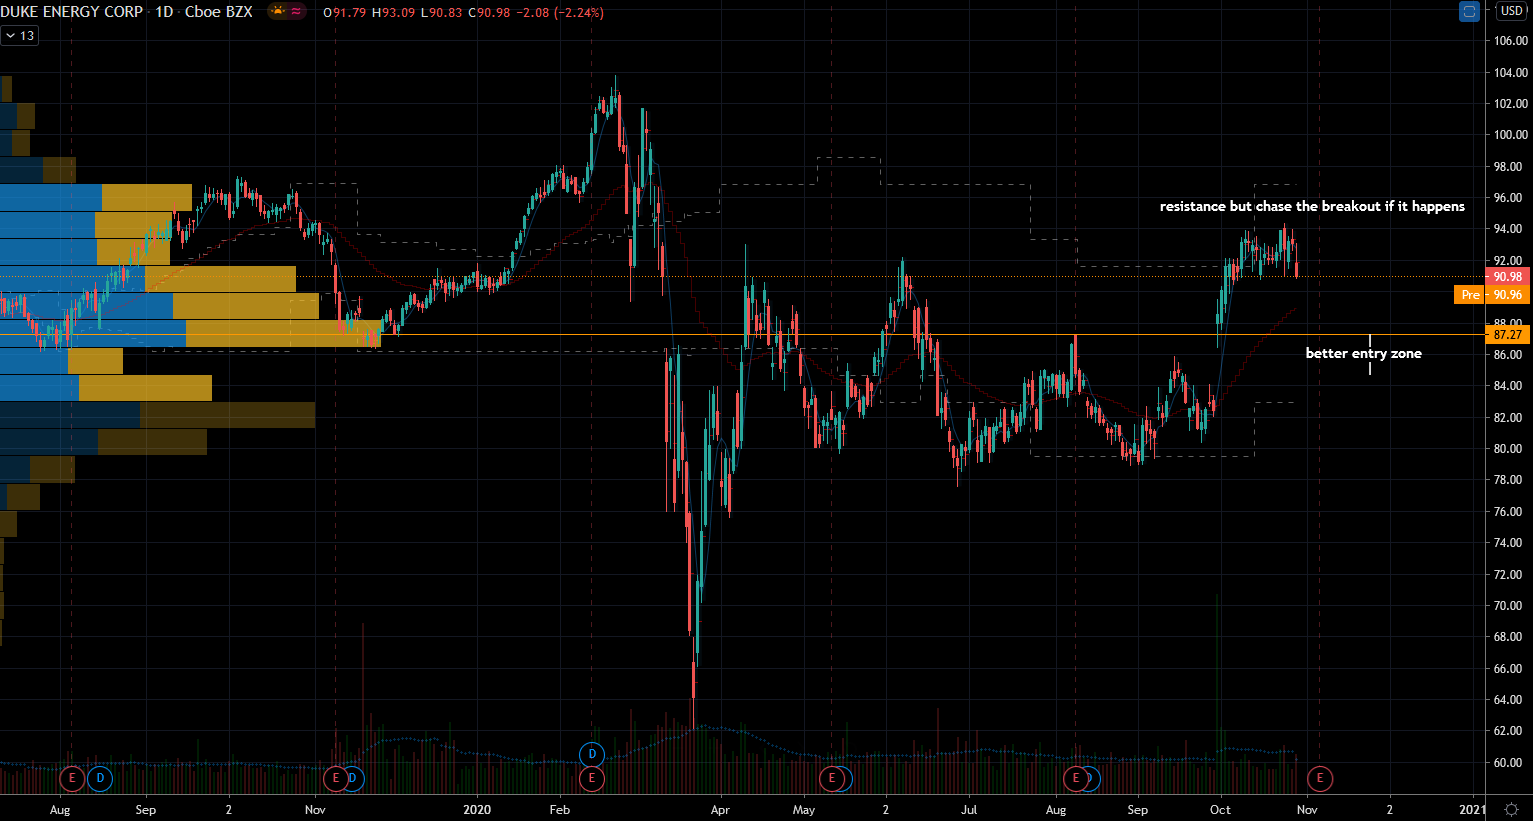 Utility Stocks to Avoid: Duke Energy (DUK) Stock Chart Showing Resistance